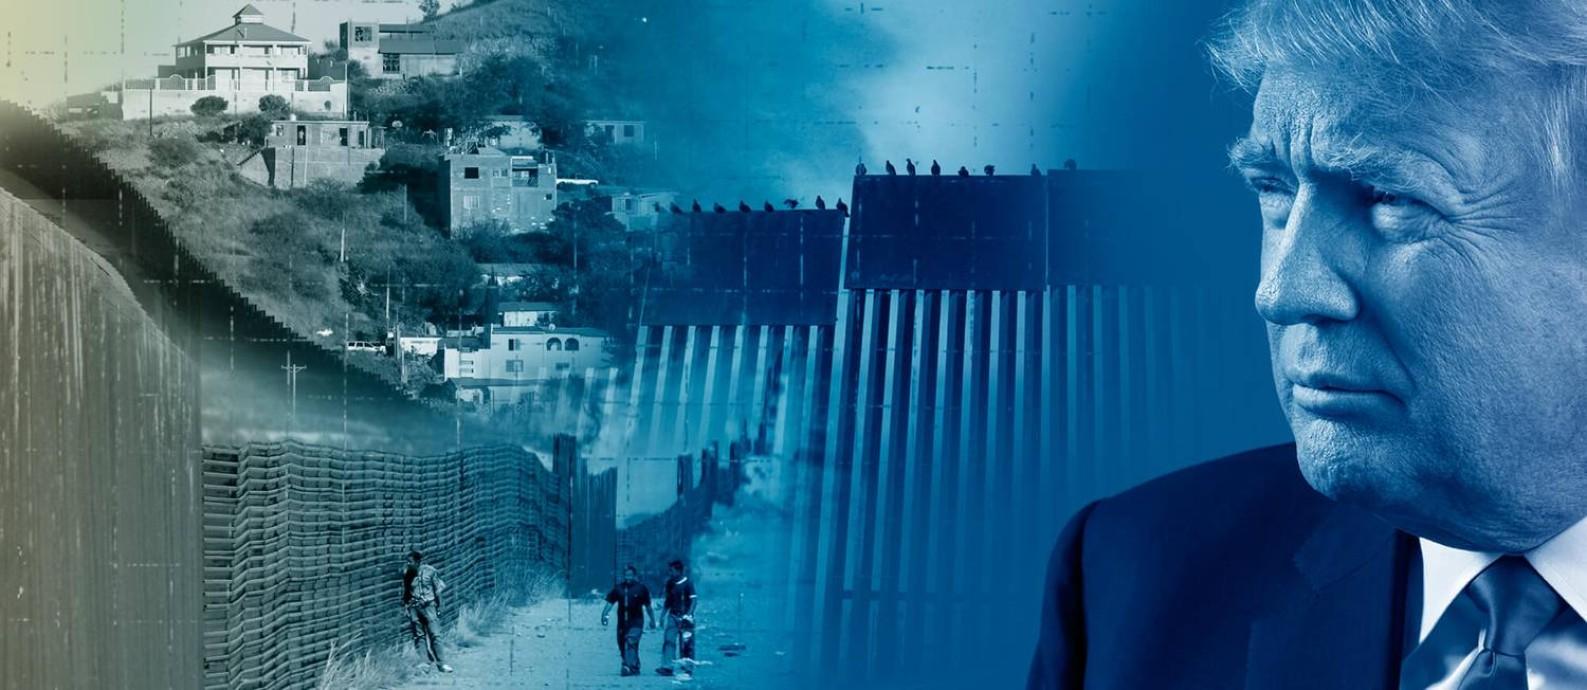 Fronteira entre o México e os Estados Unidos, em fotomontagem. Foto: Arte / O Globo